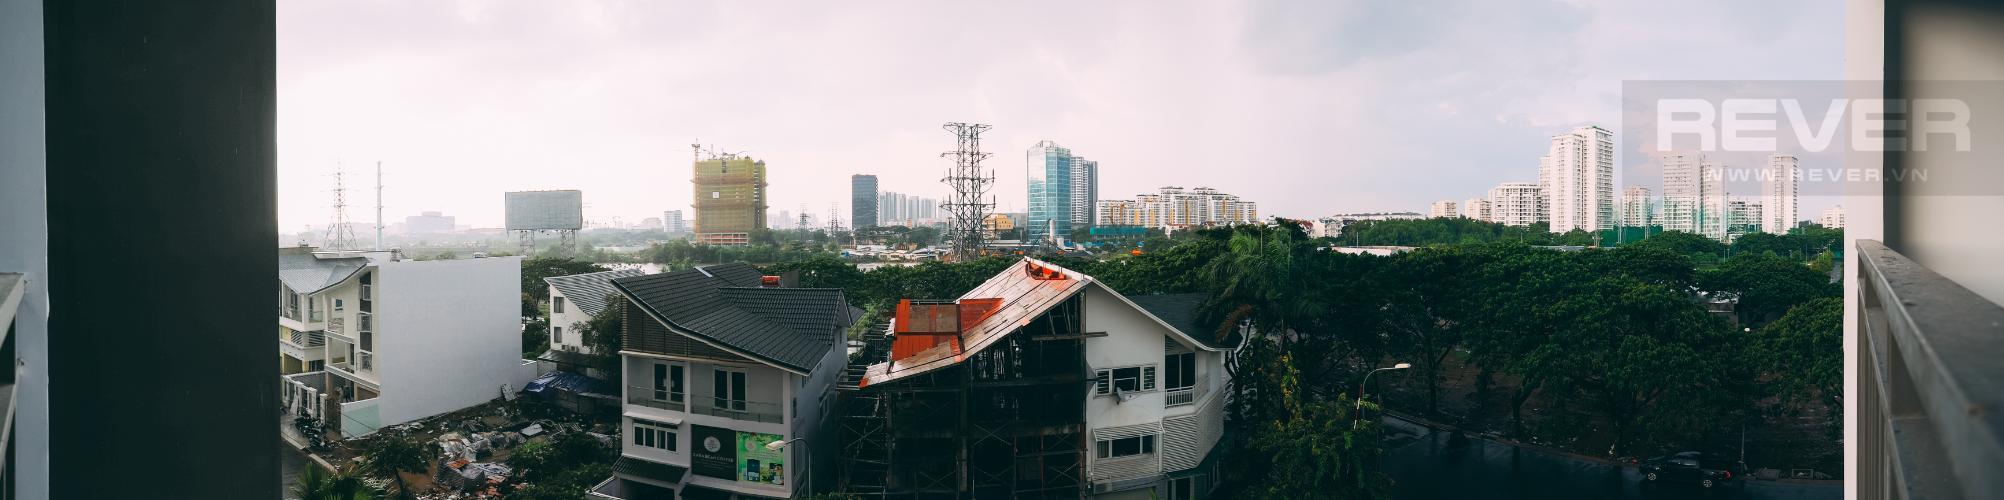 View Quận 1 Bán căn hộ Sunrise Riverside tầng cao 3PN diện tích rộng rãi, view đẹp